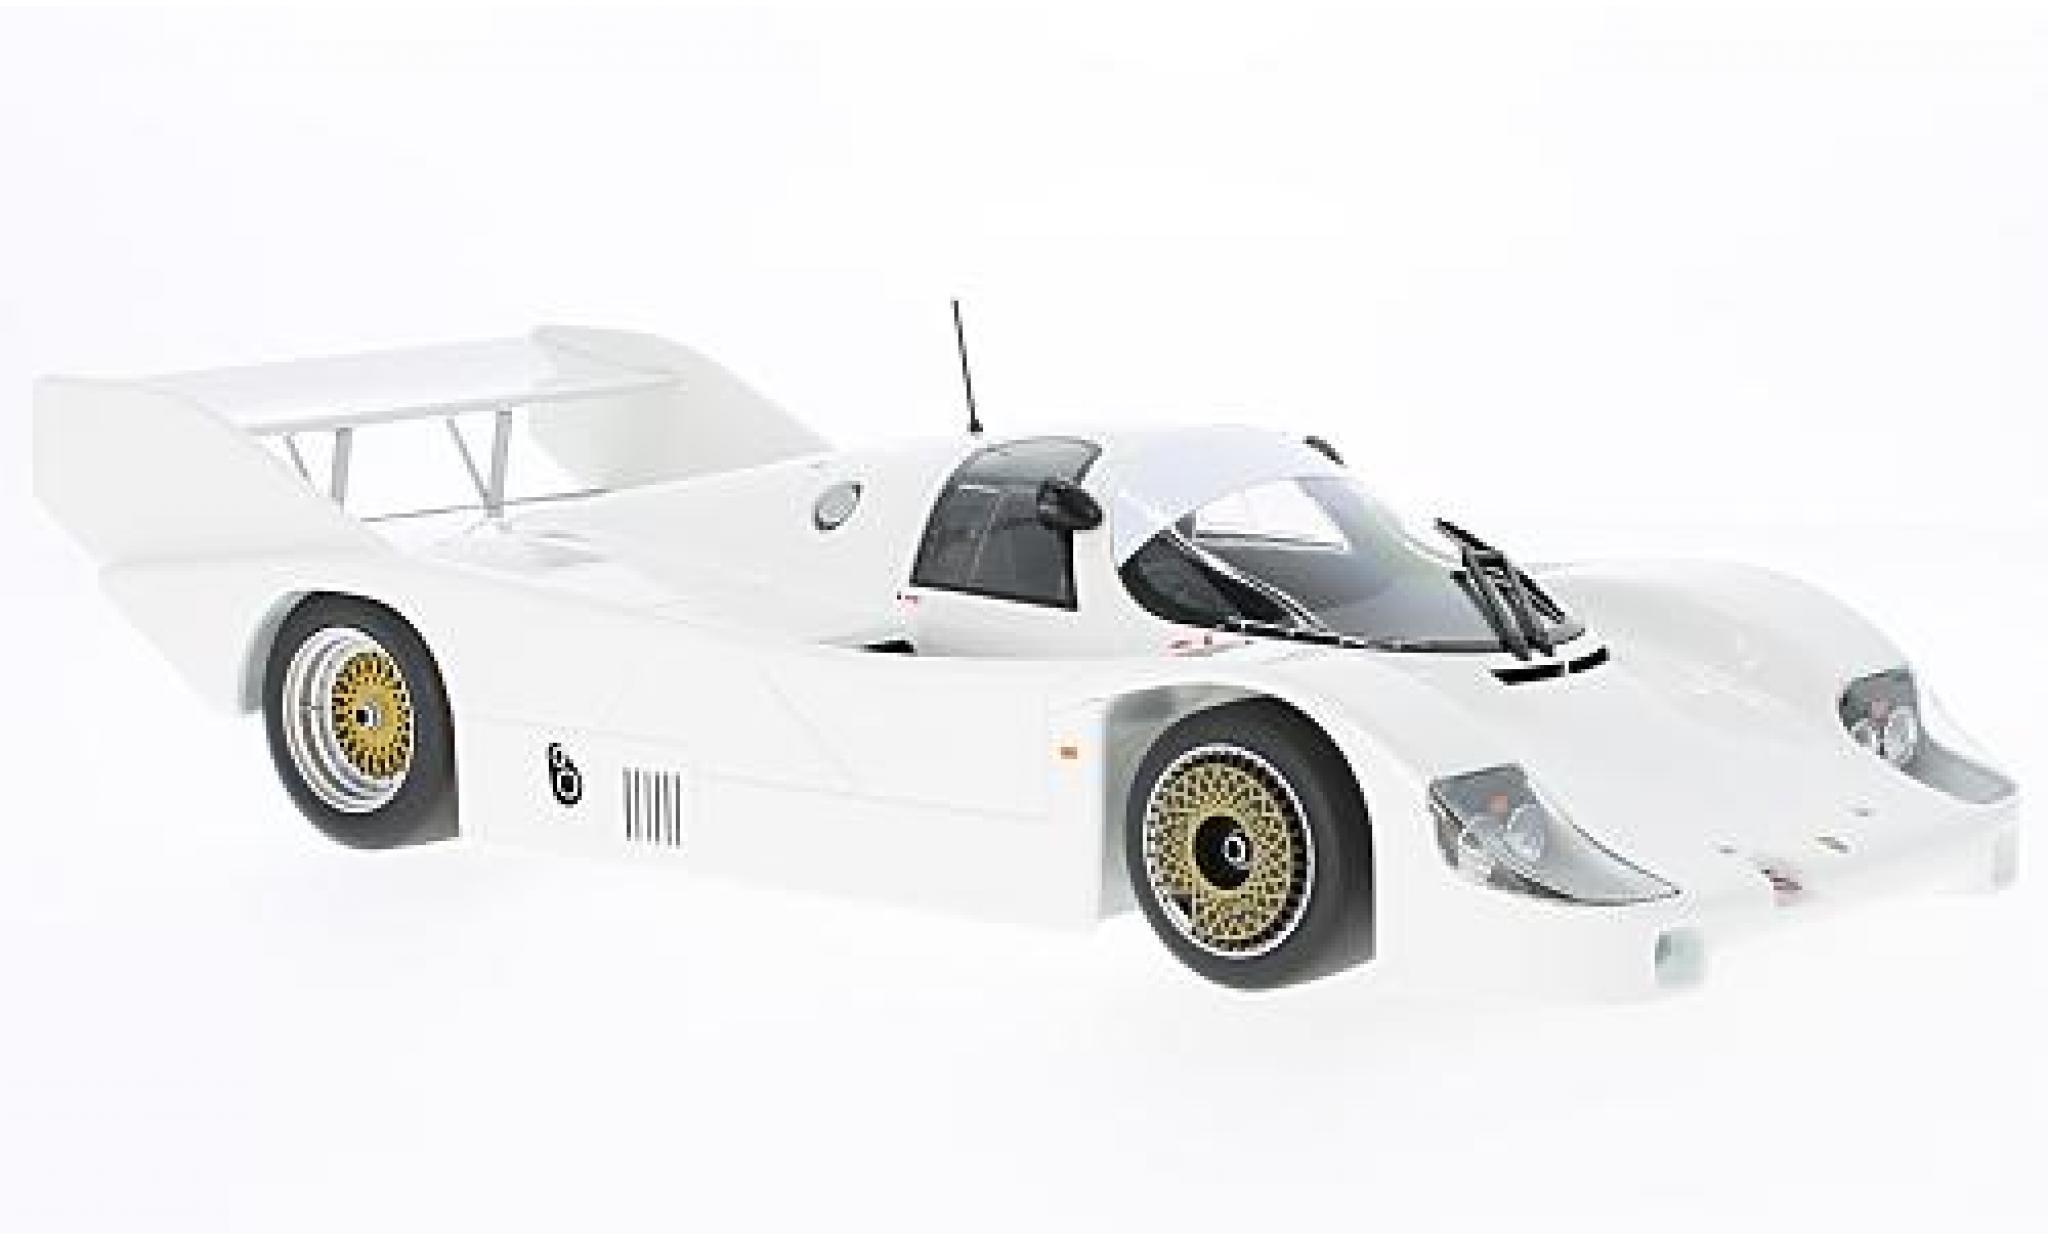 Porsche 956 1982 1/18 Minichamps K white Plain Body Version